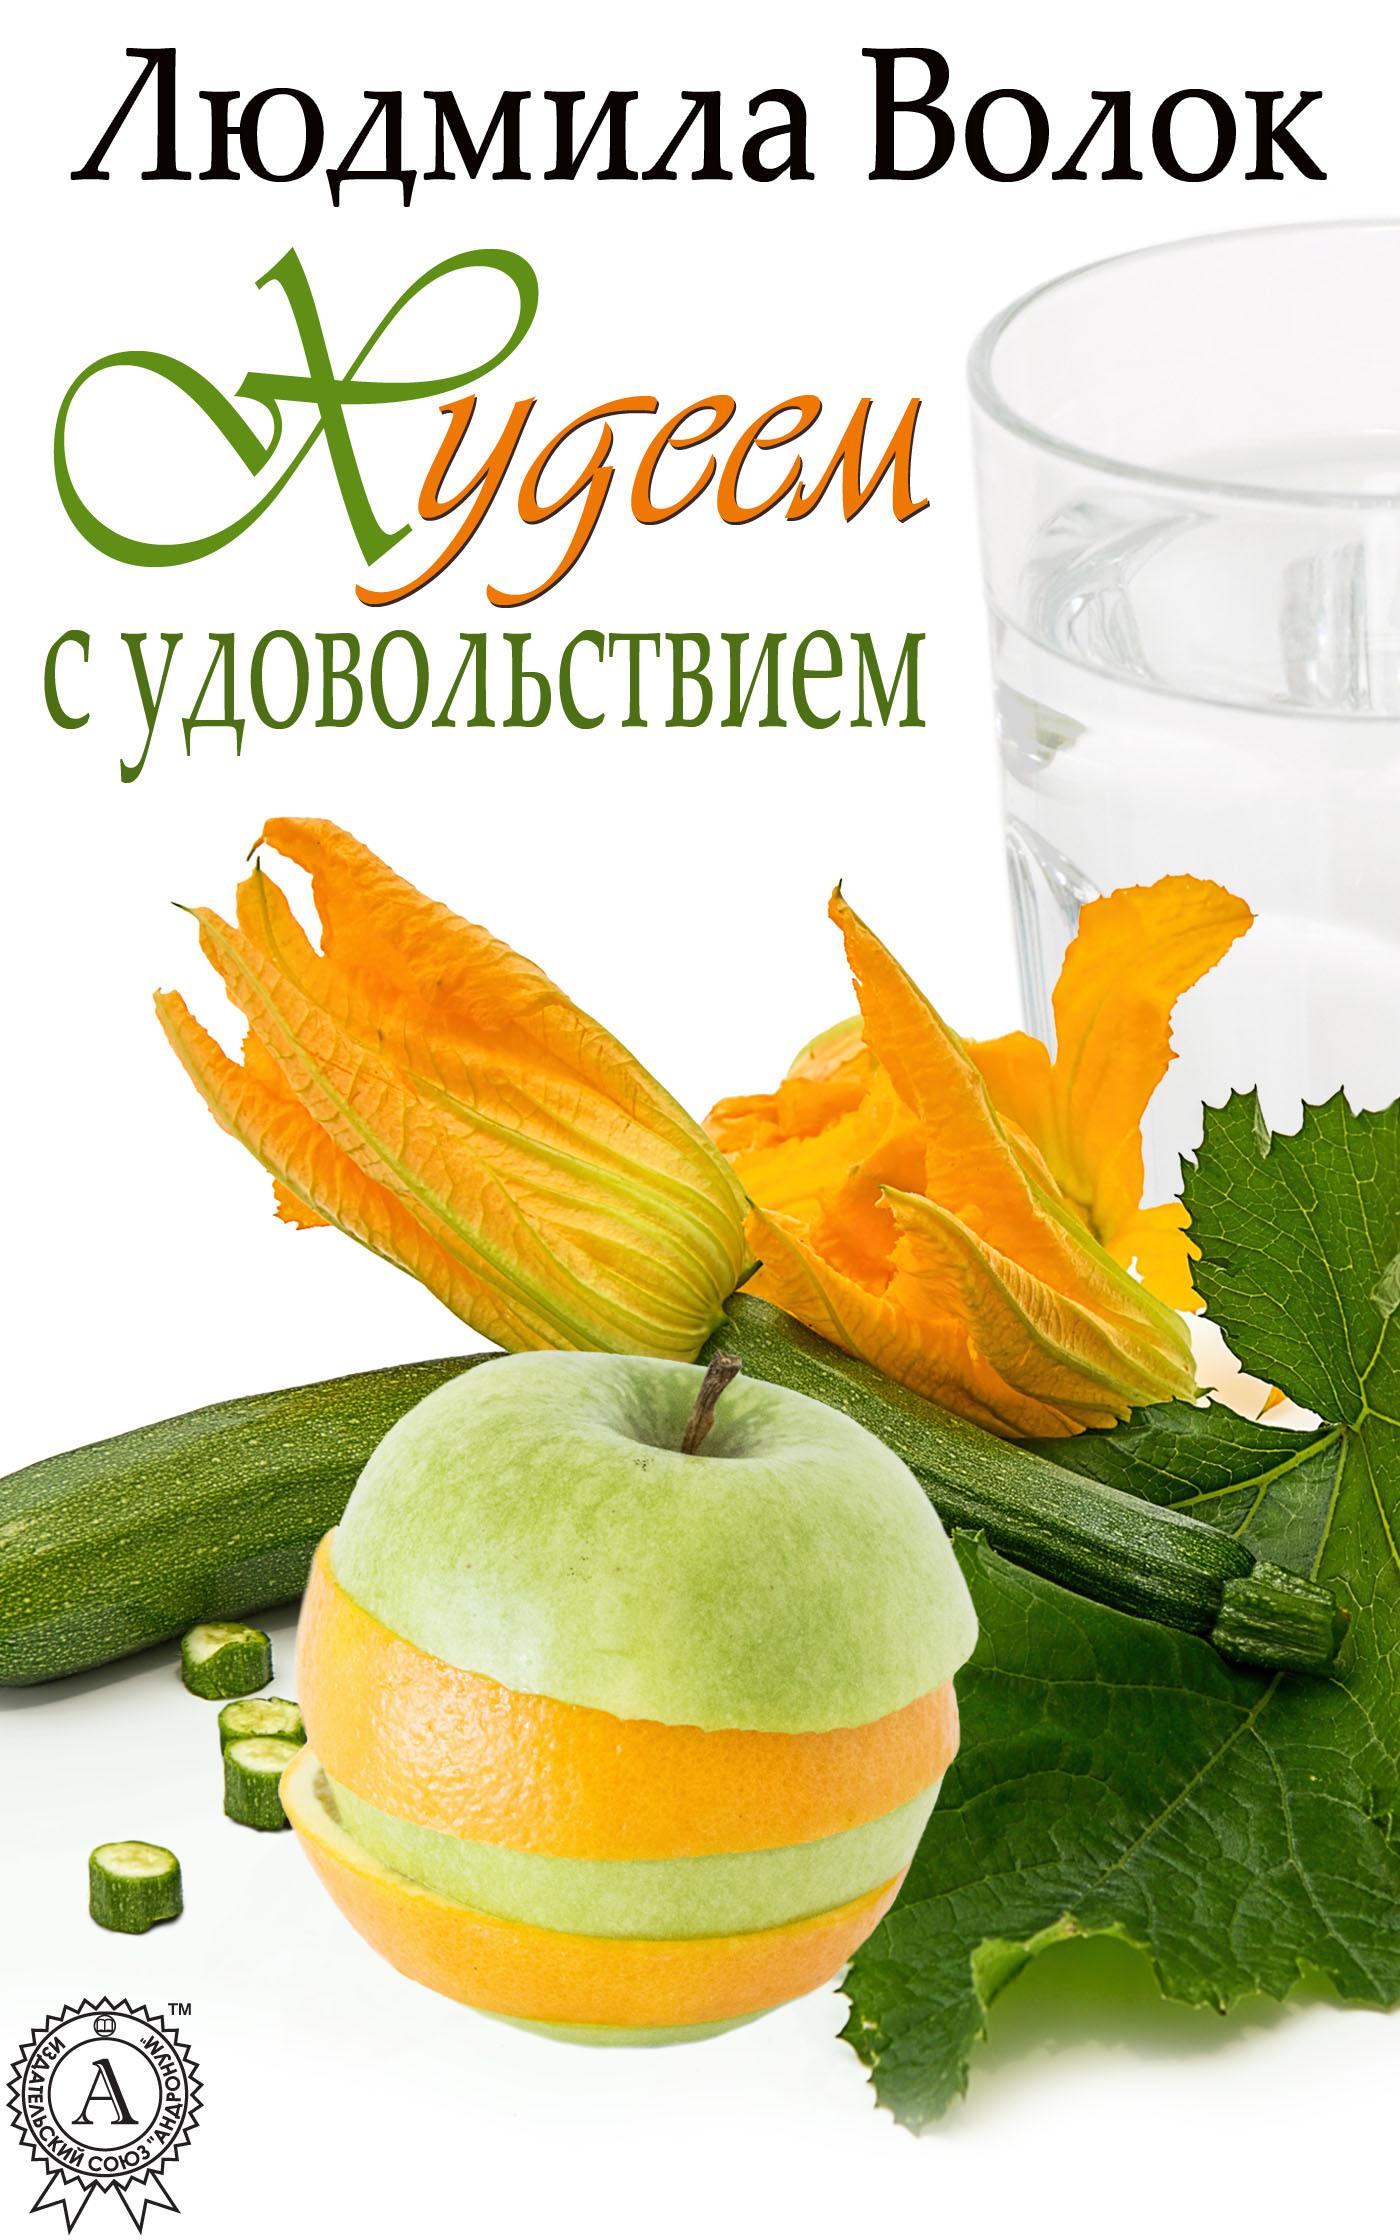 Обложка книги Худеем с удовольствием, автор Волок, Людмила